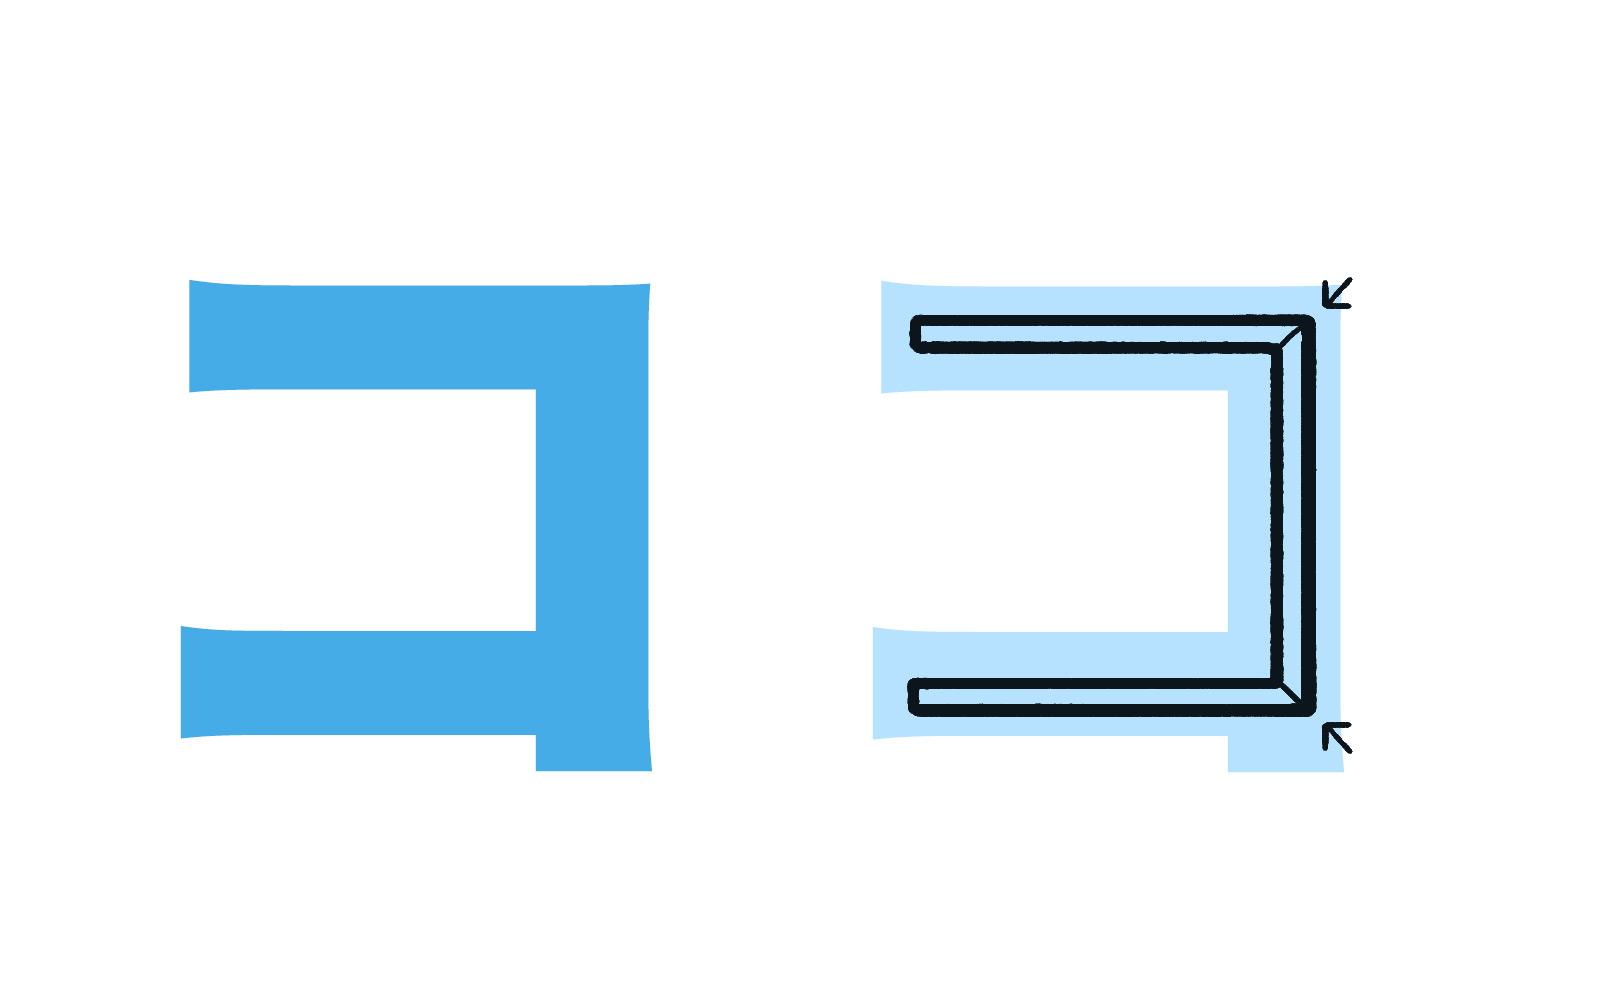 Katakana character コ mnemonic